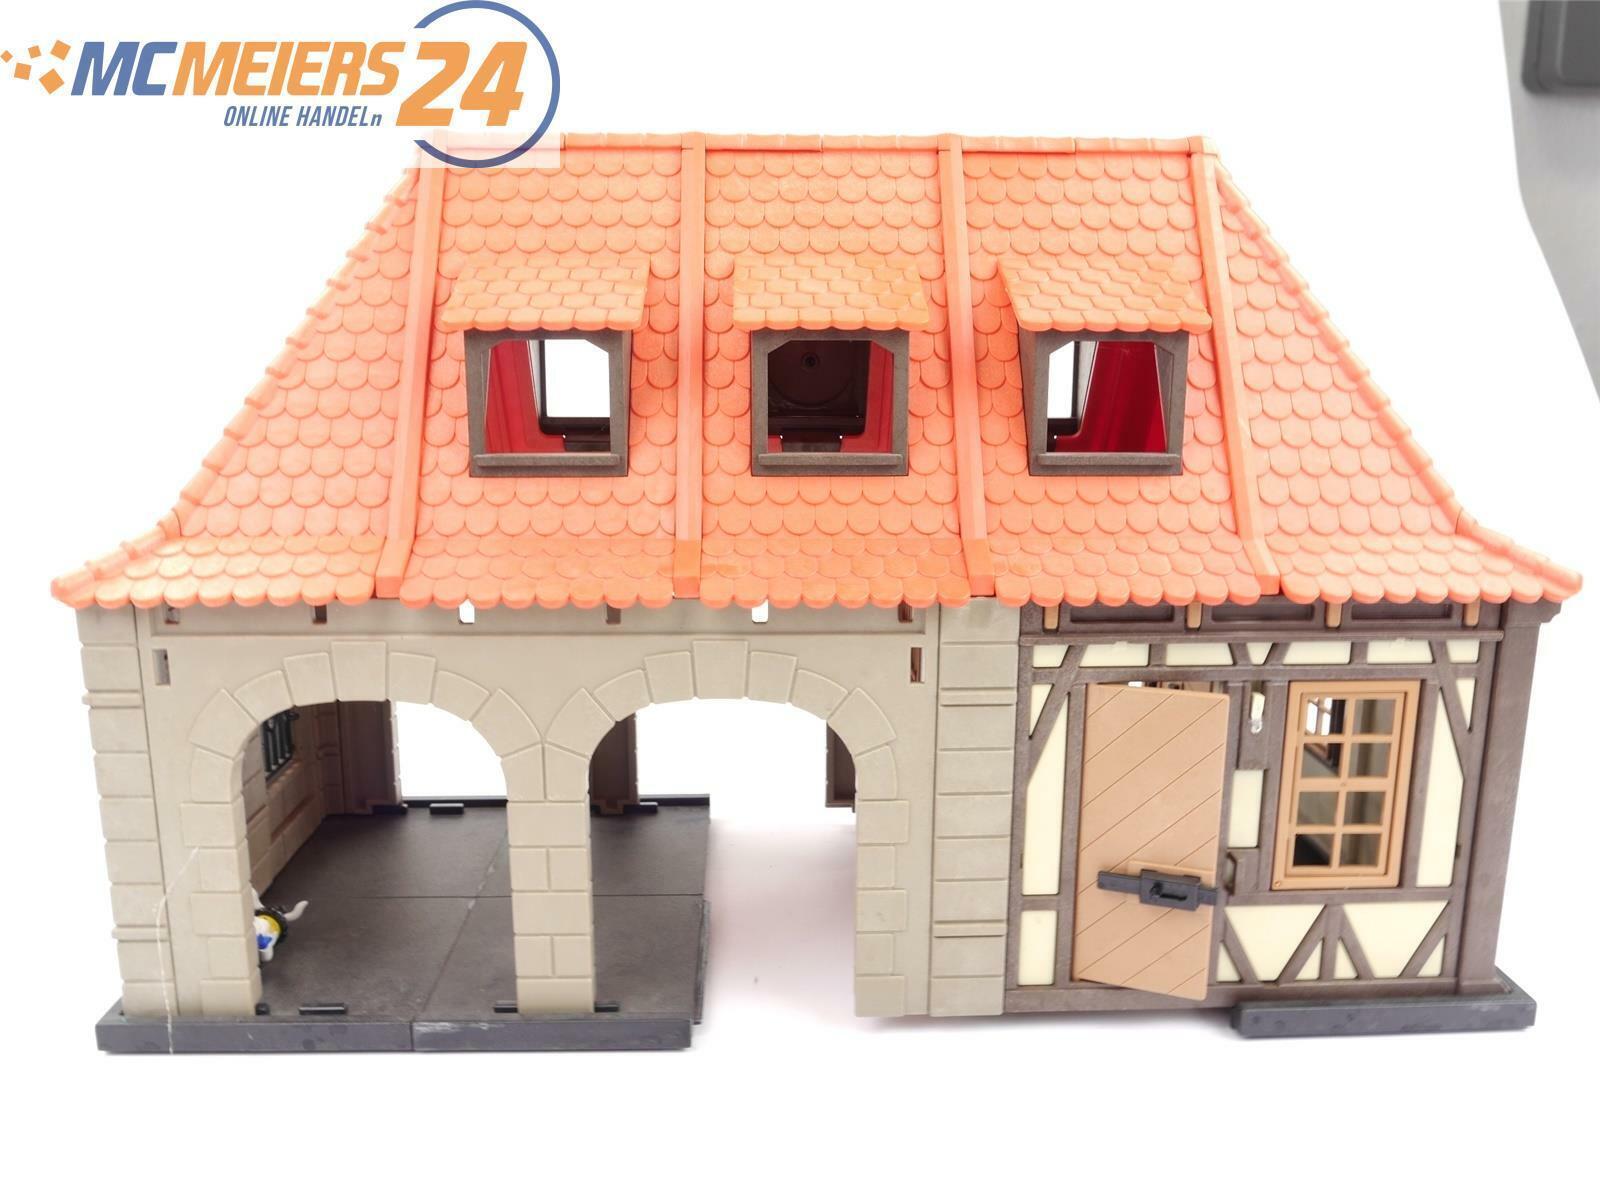 E43v243s PLAYMOBIL Traccia G 4300 edificio stazione ferroviaria reticolare